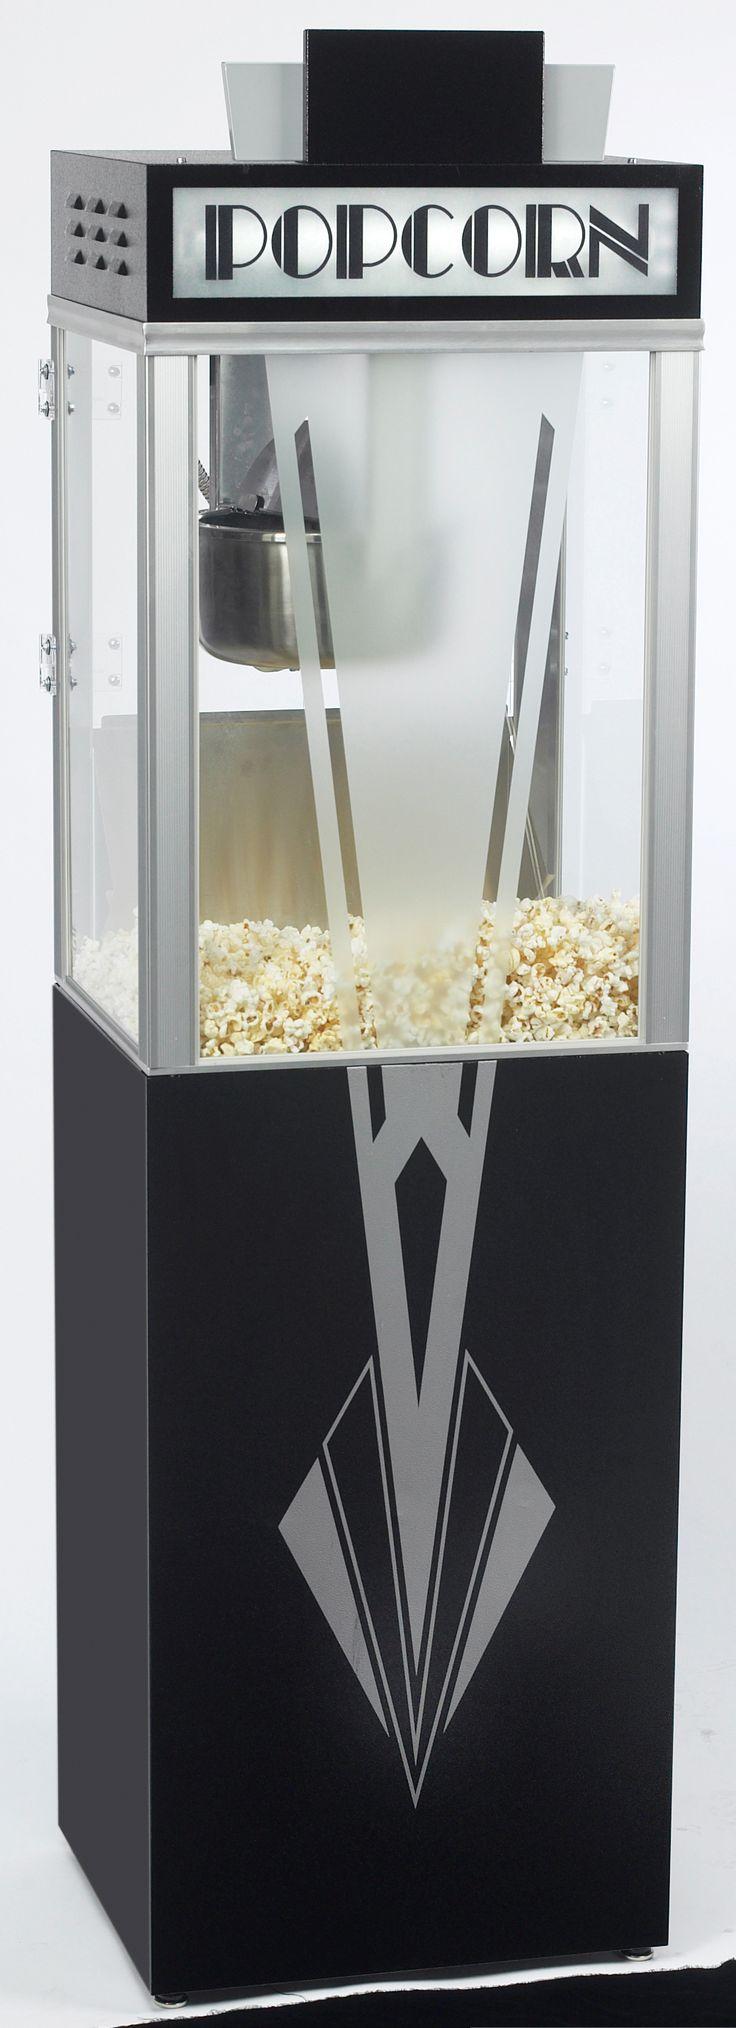 Art Deco Popcornmaskin med underrede - Scandimatic AB - Sockervadd Maskin | Popcornmaskin | Sockerspinnare | Korvkokare